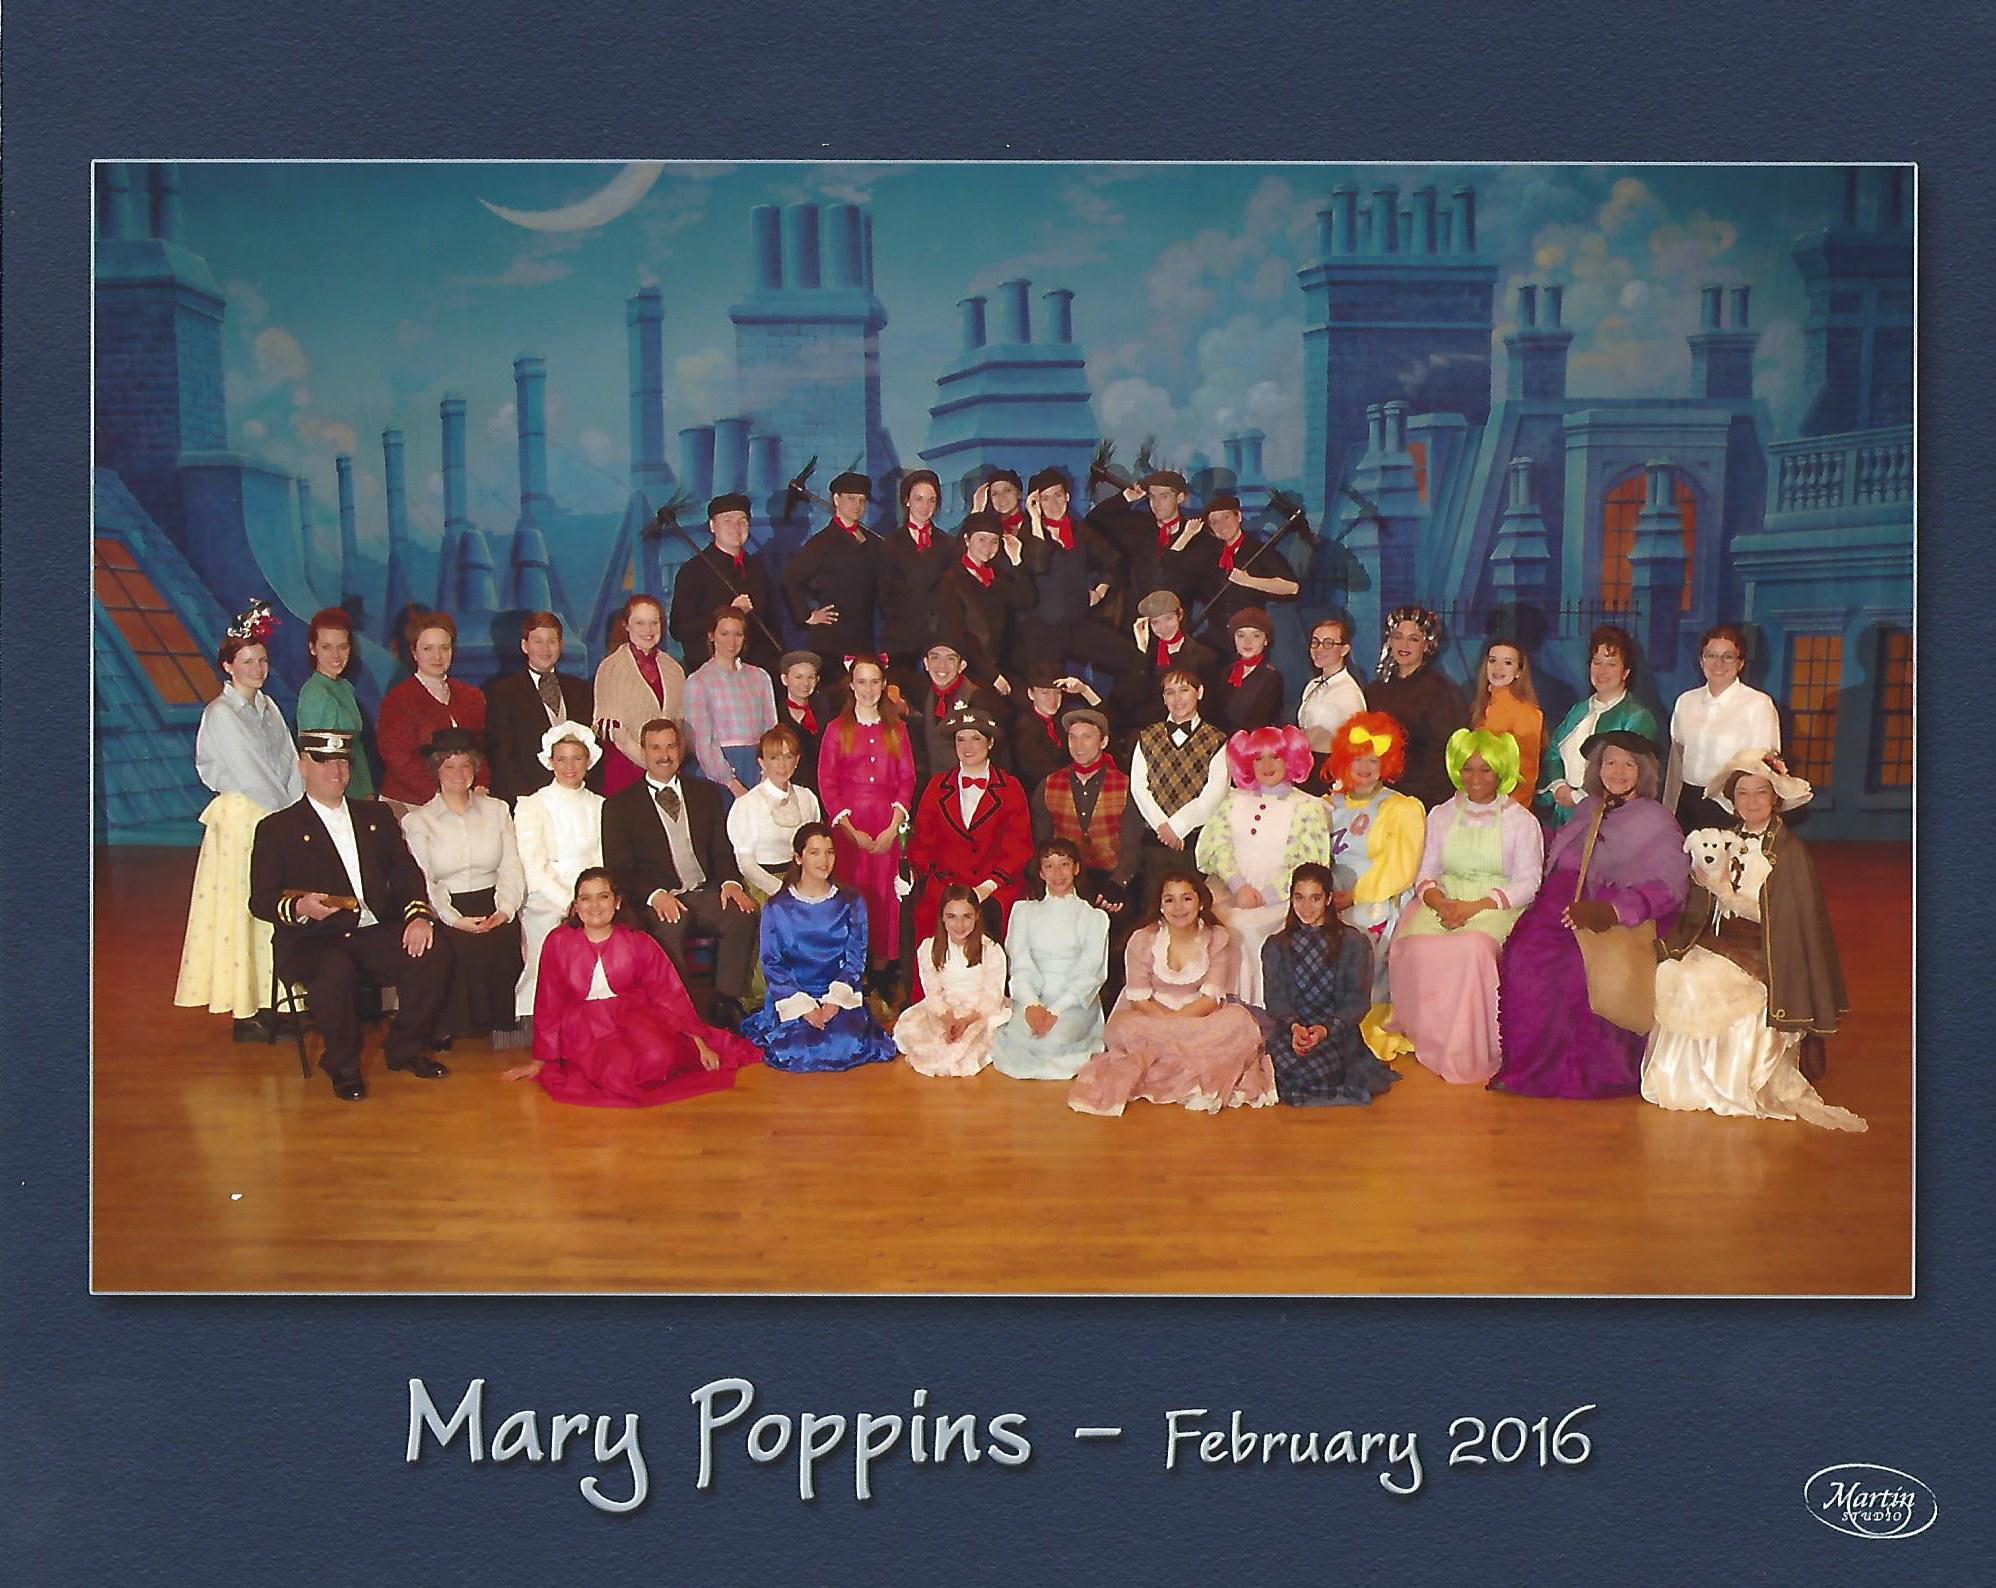 Mary Poppins Cast Photo